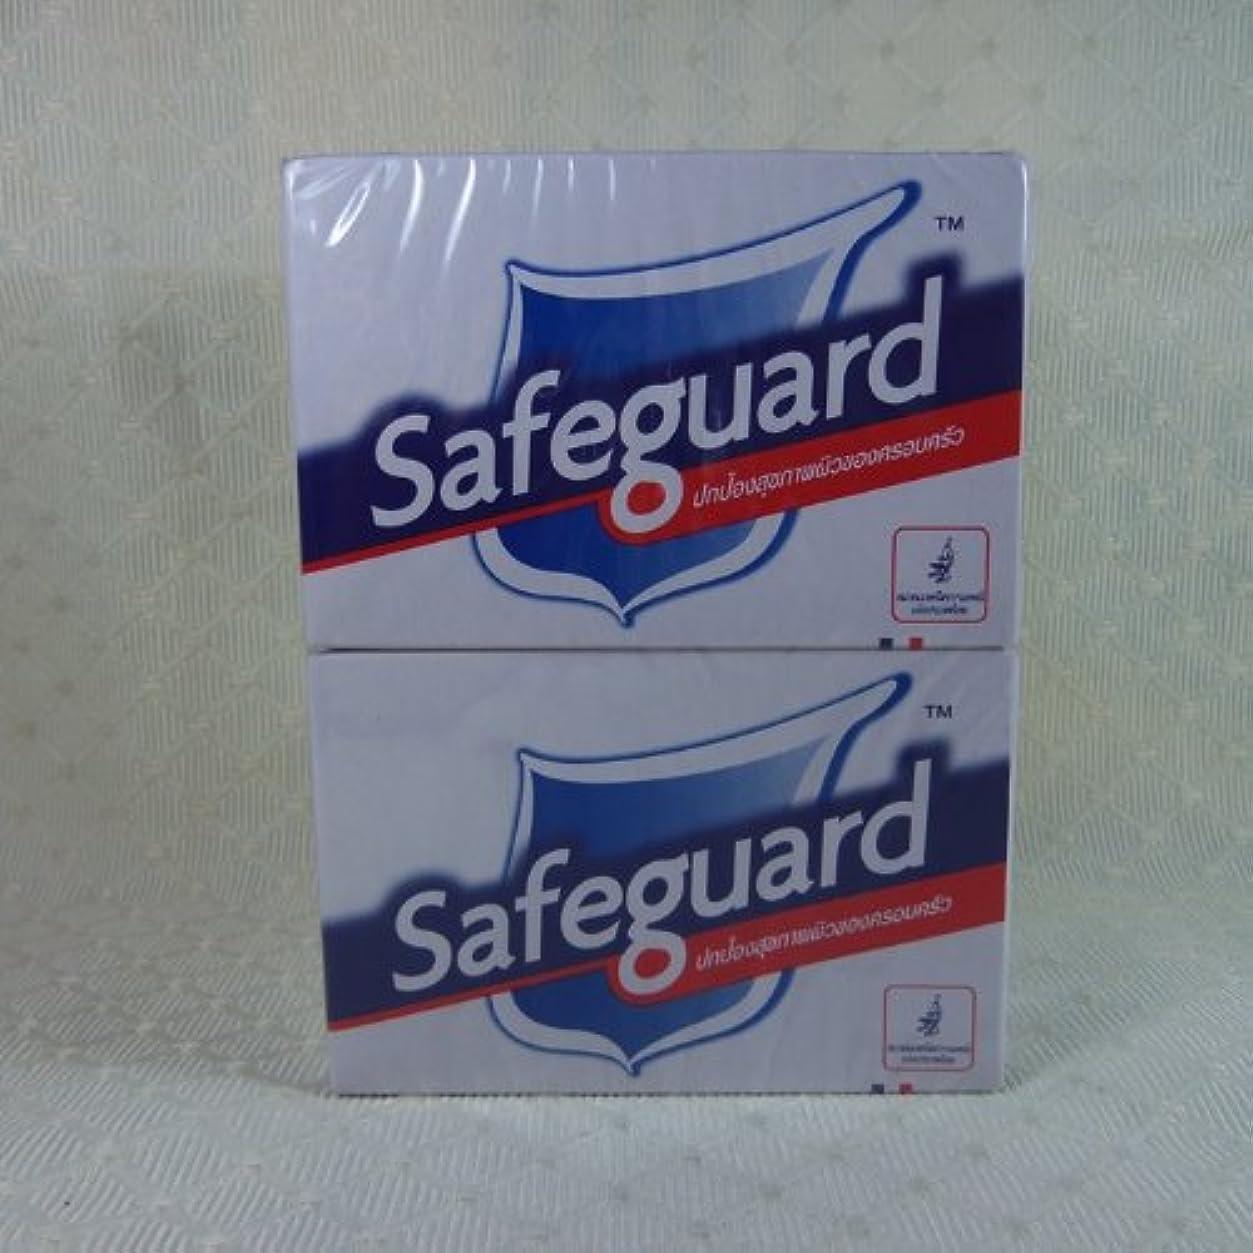 ブラケット割り当て座標Safeguard Anti Bacteria Soap By P&g White Pack4 3.06 Oz (87 Gm) X 4 by Safeguard